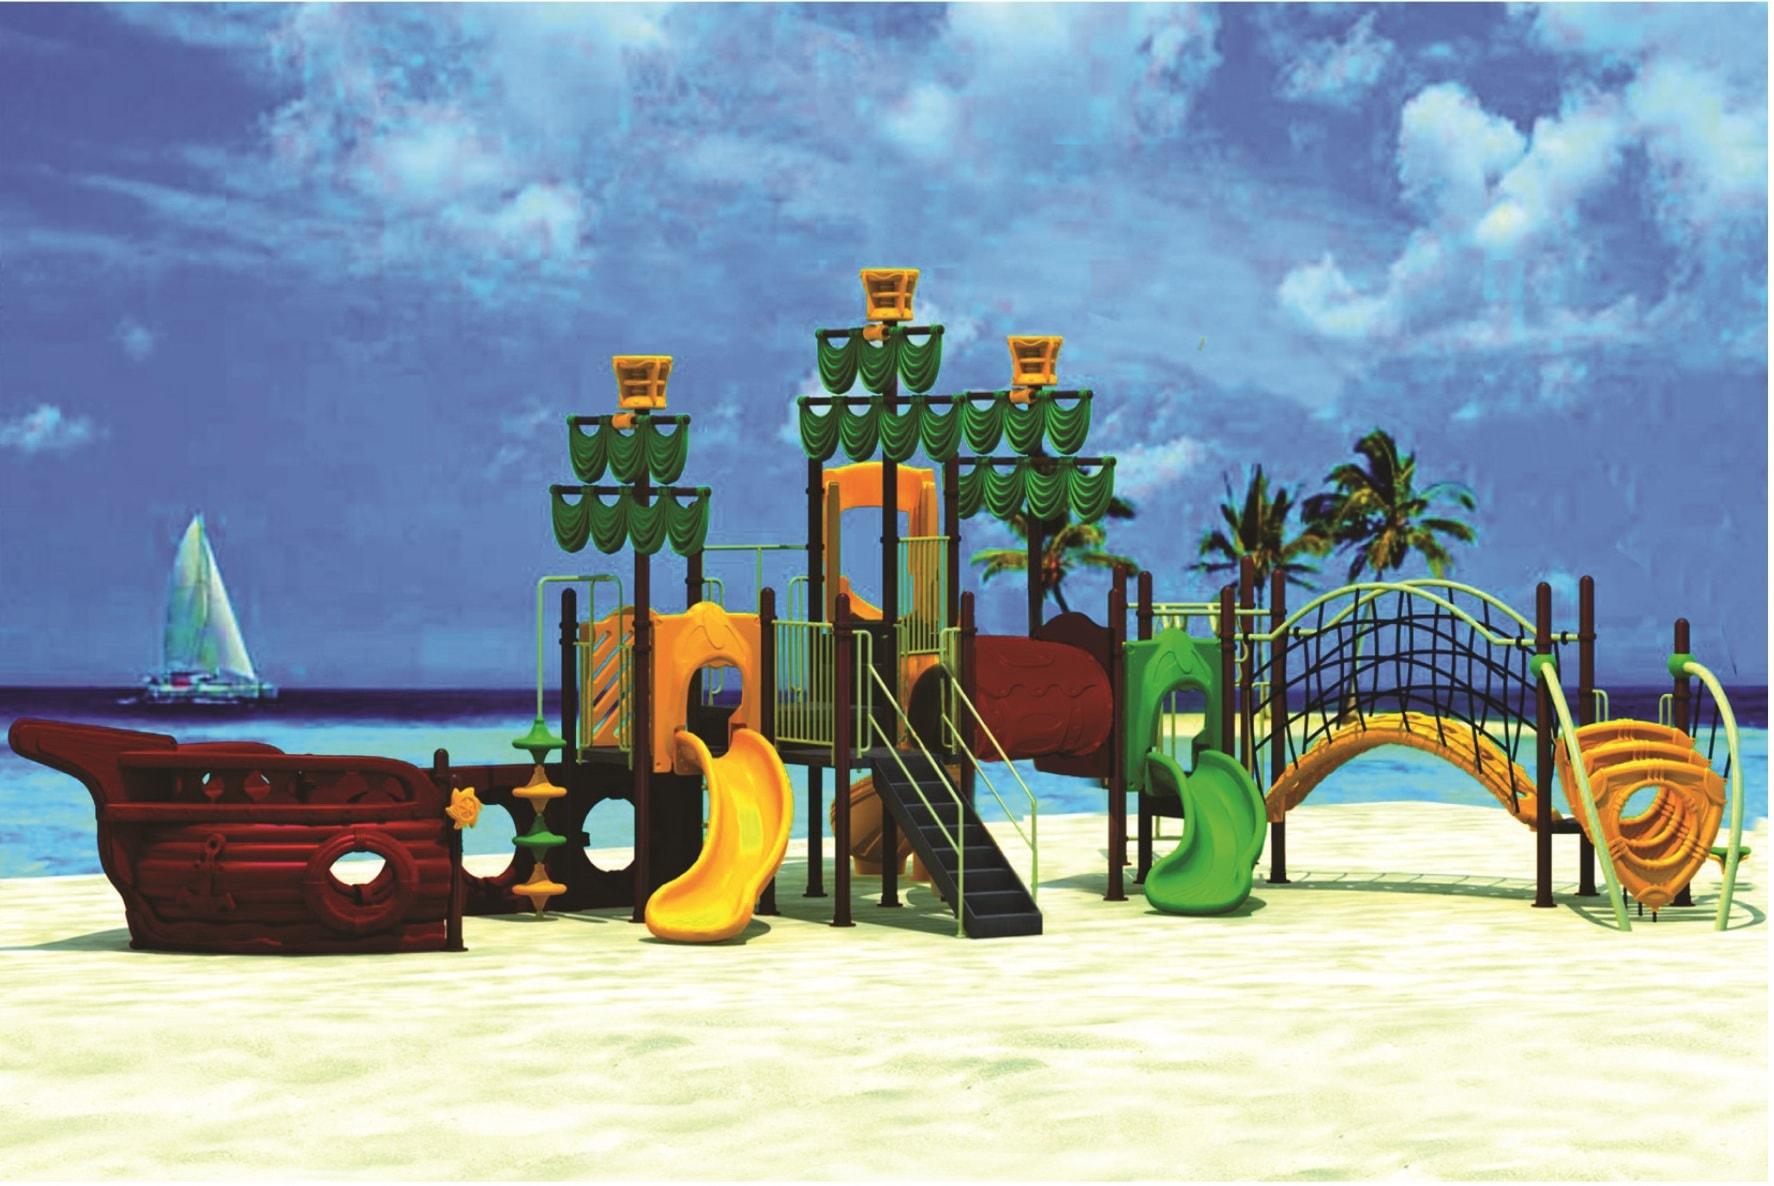 Картинка детская площадка в стиле «корабль» от компании «Детские городки»